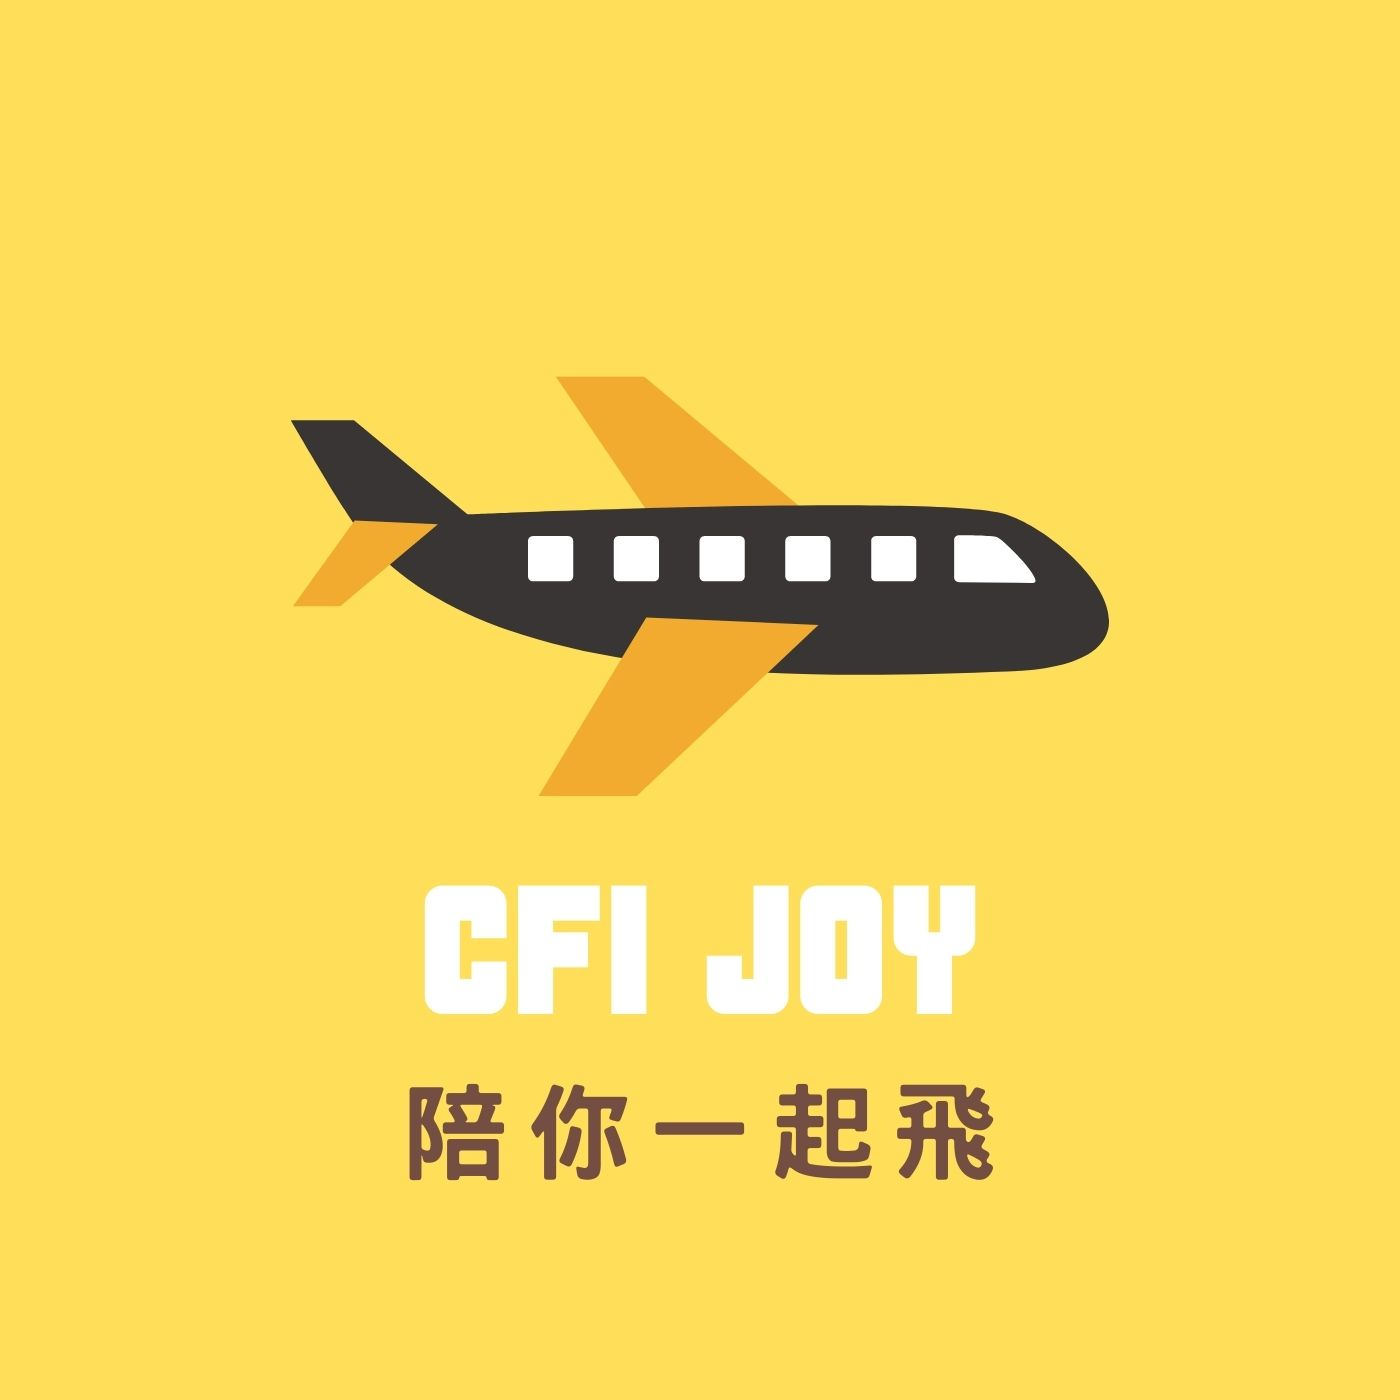 CFI JOY 陪你一起飛